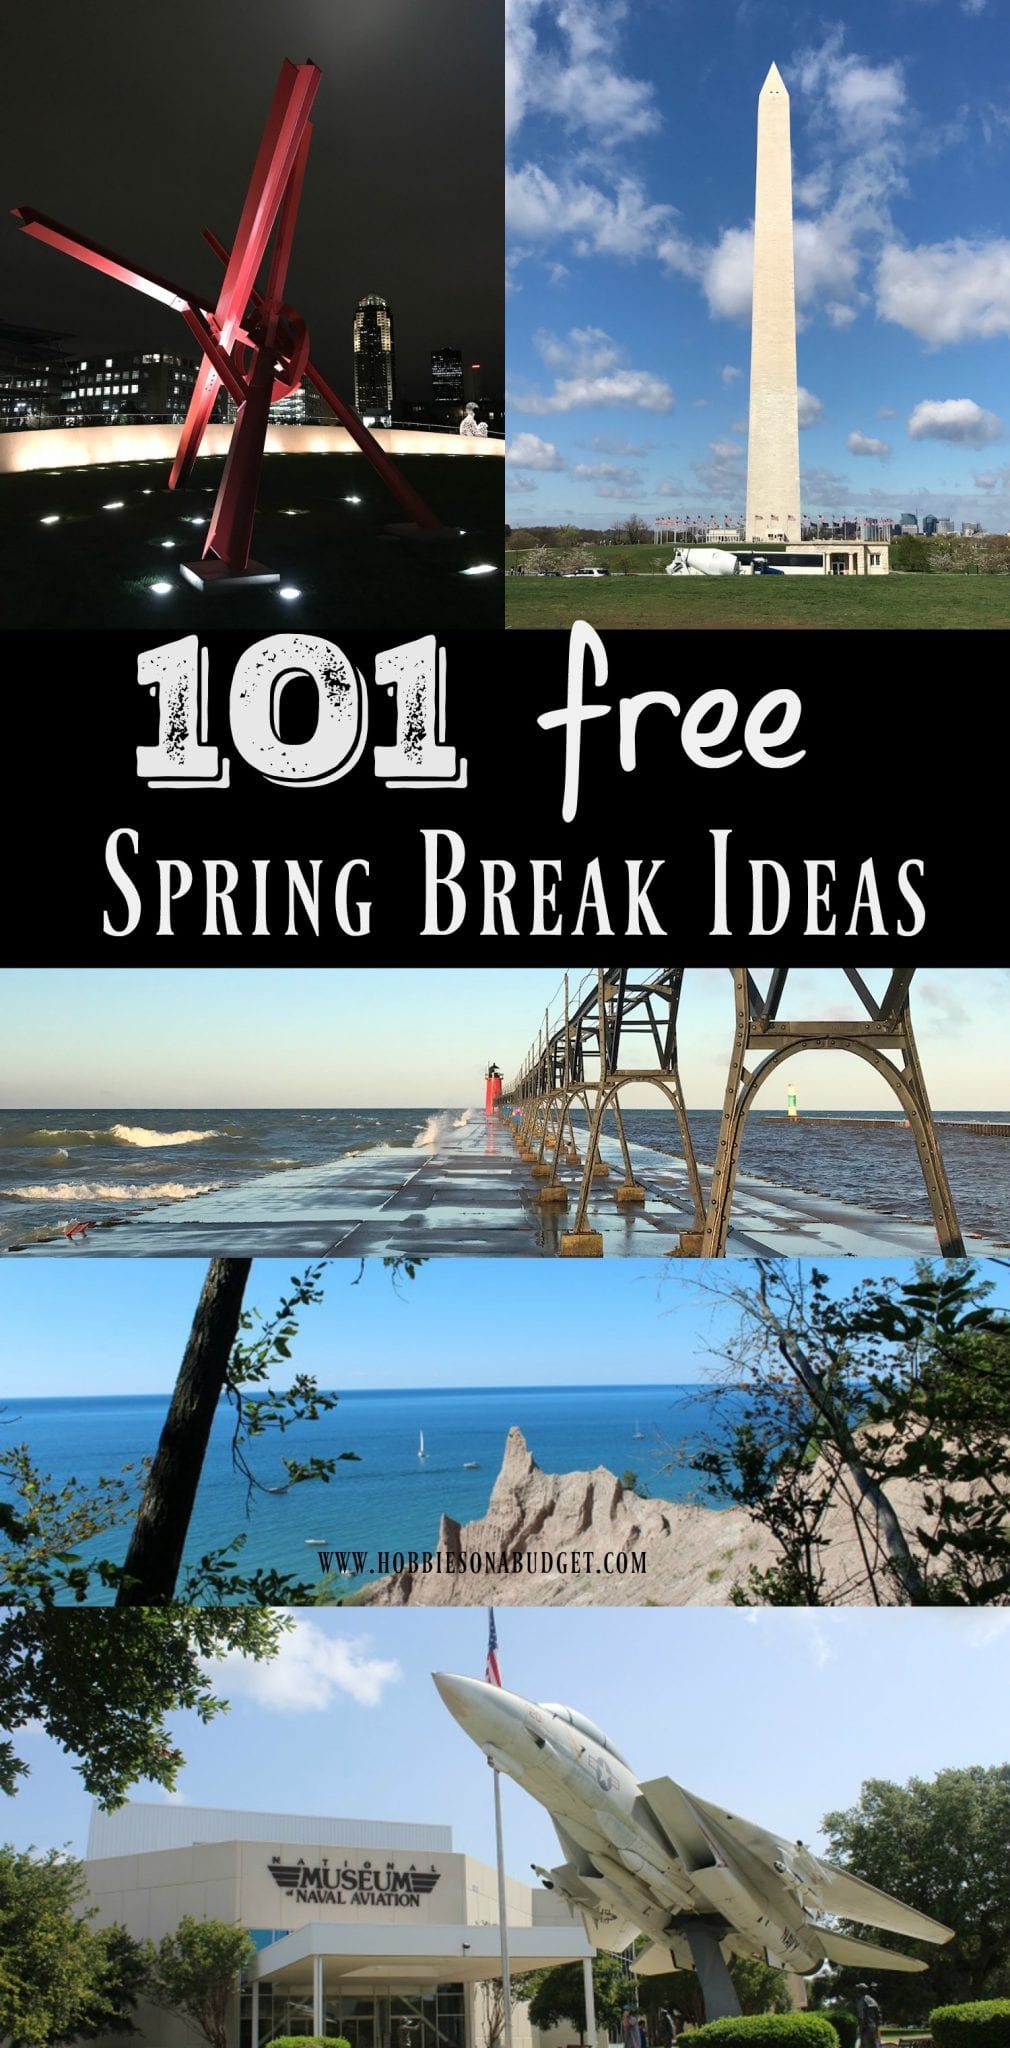 101 Free spring break ideas